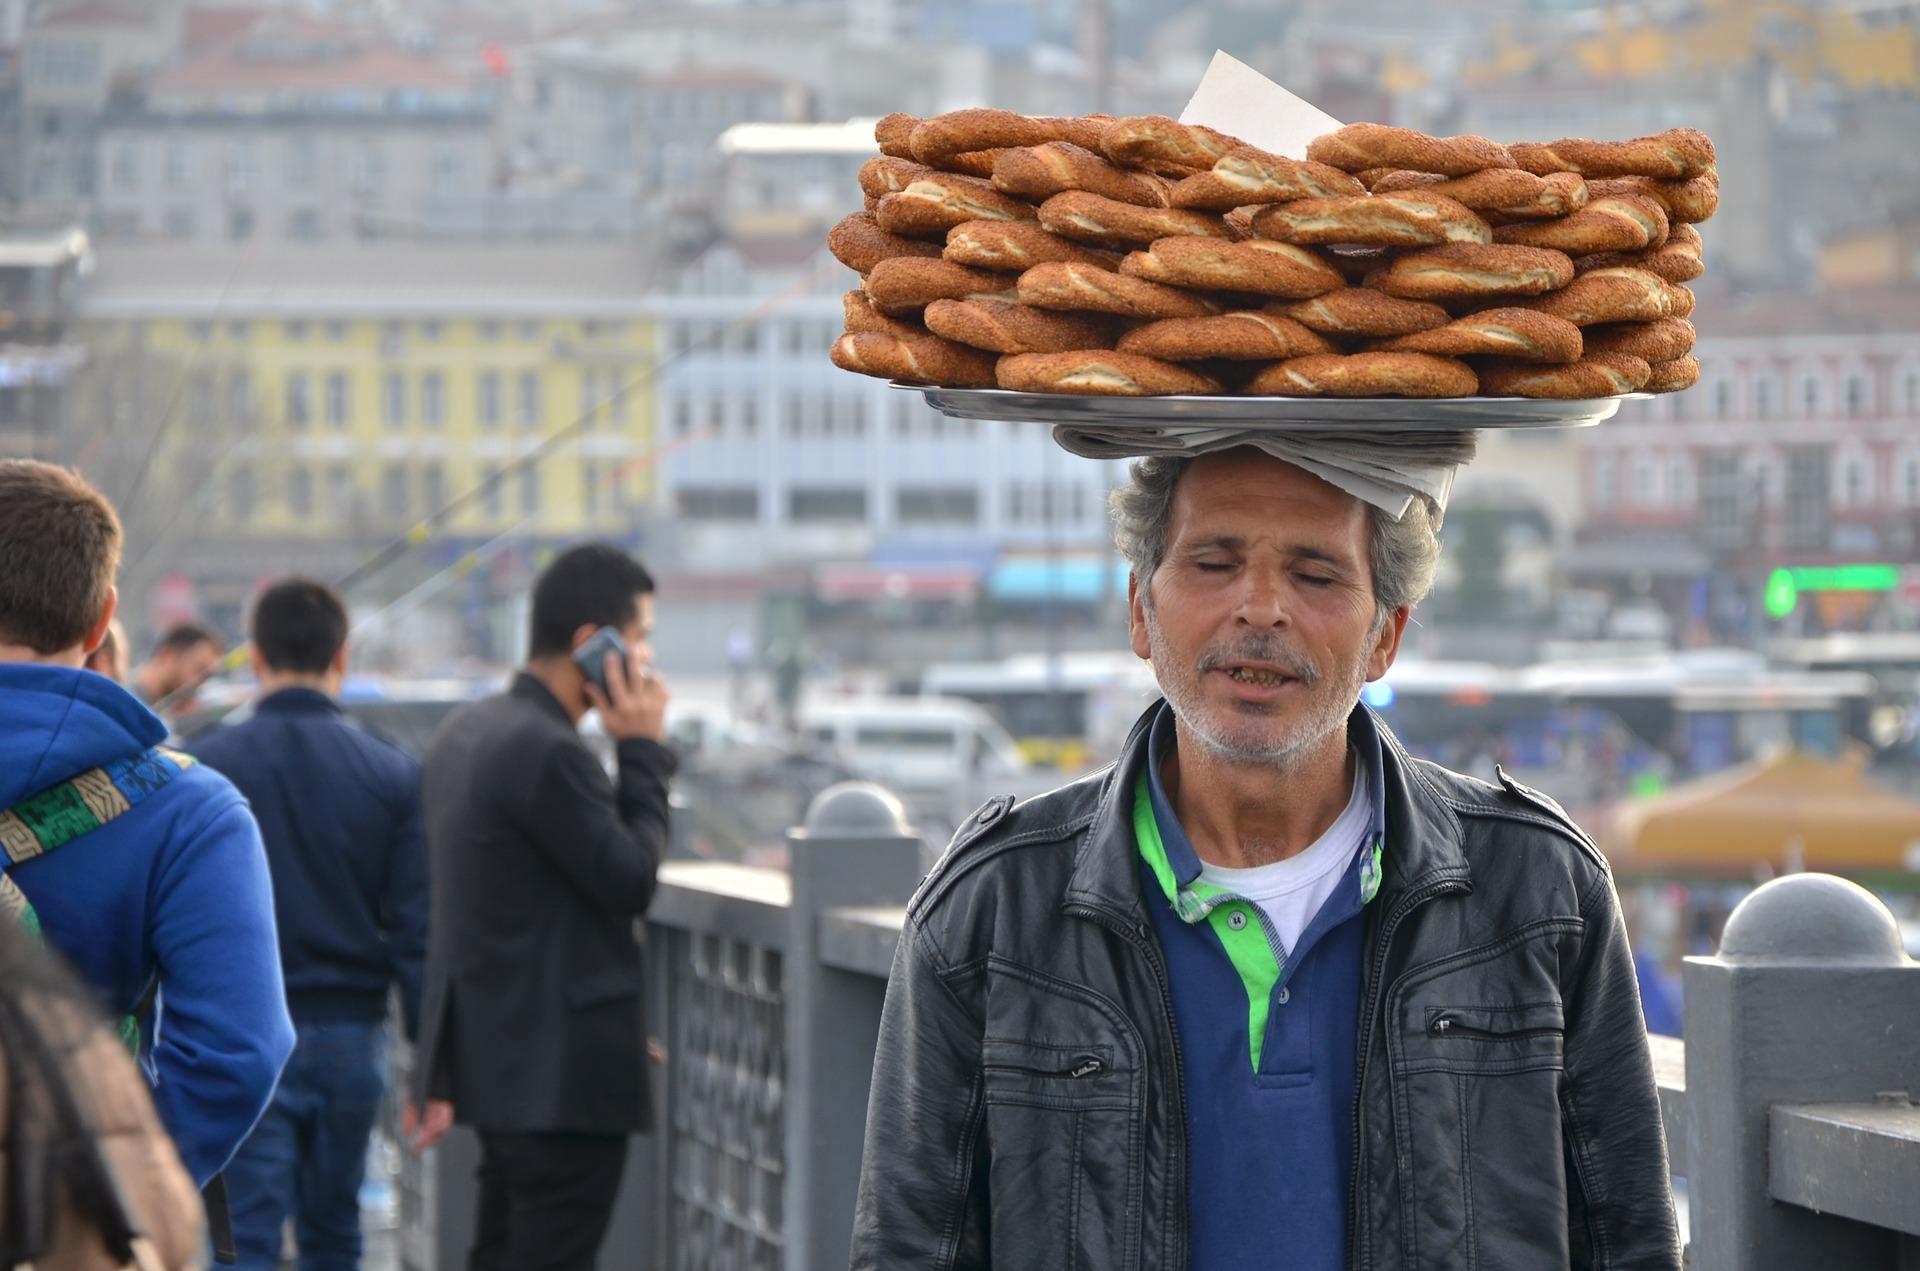 Turecká kuchyňa - sezamový praclík simit